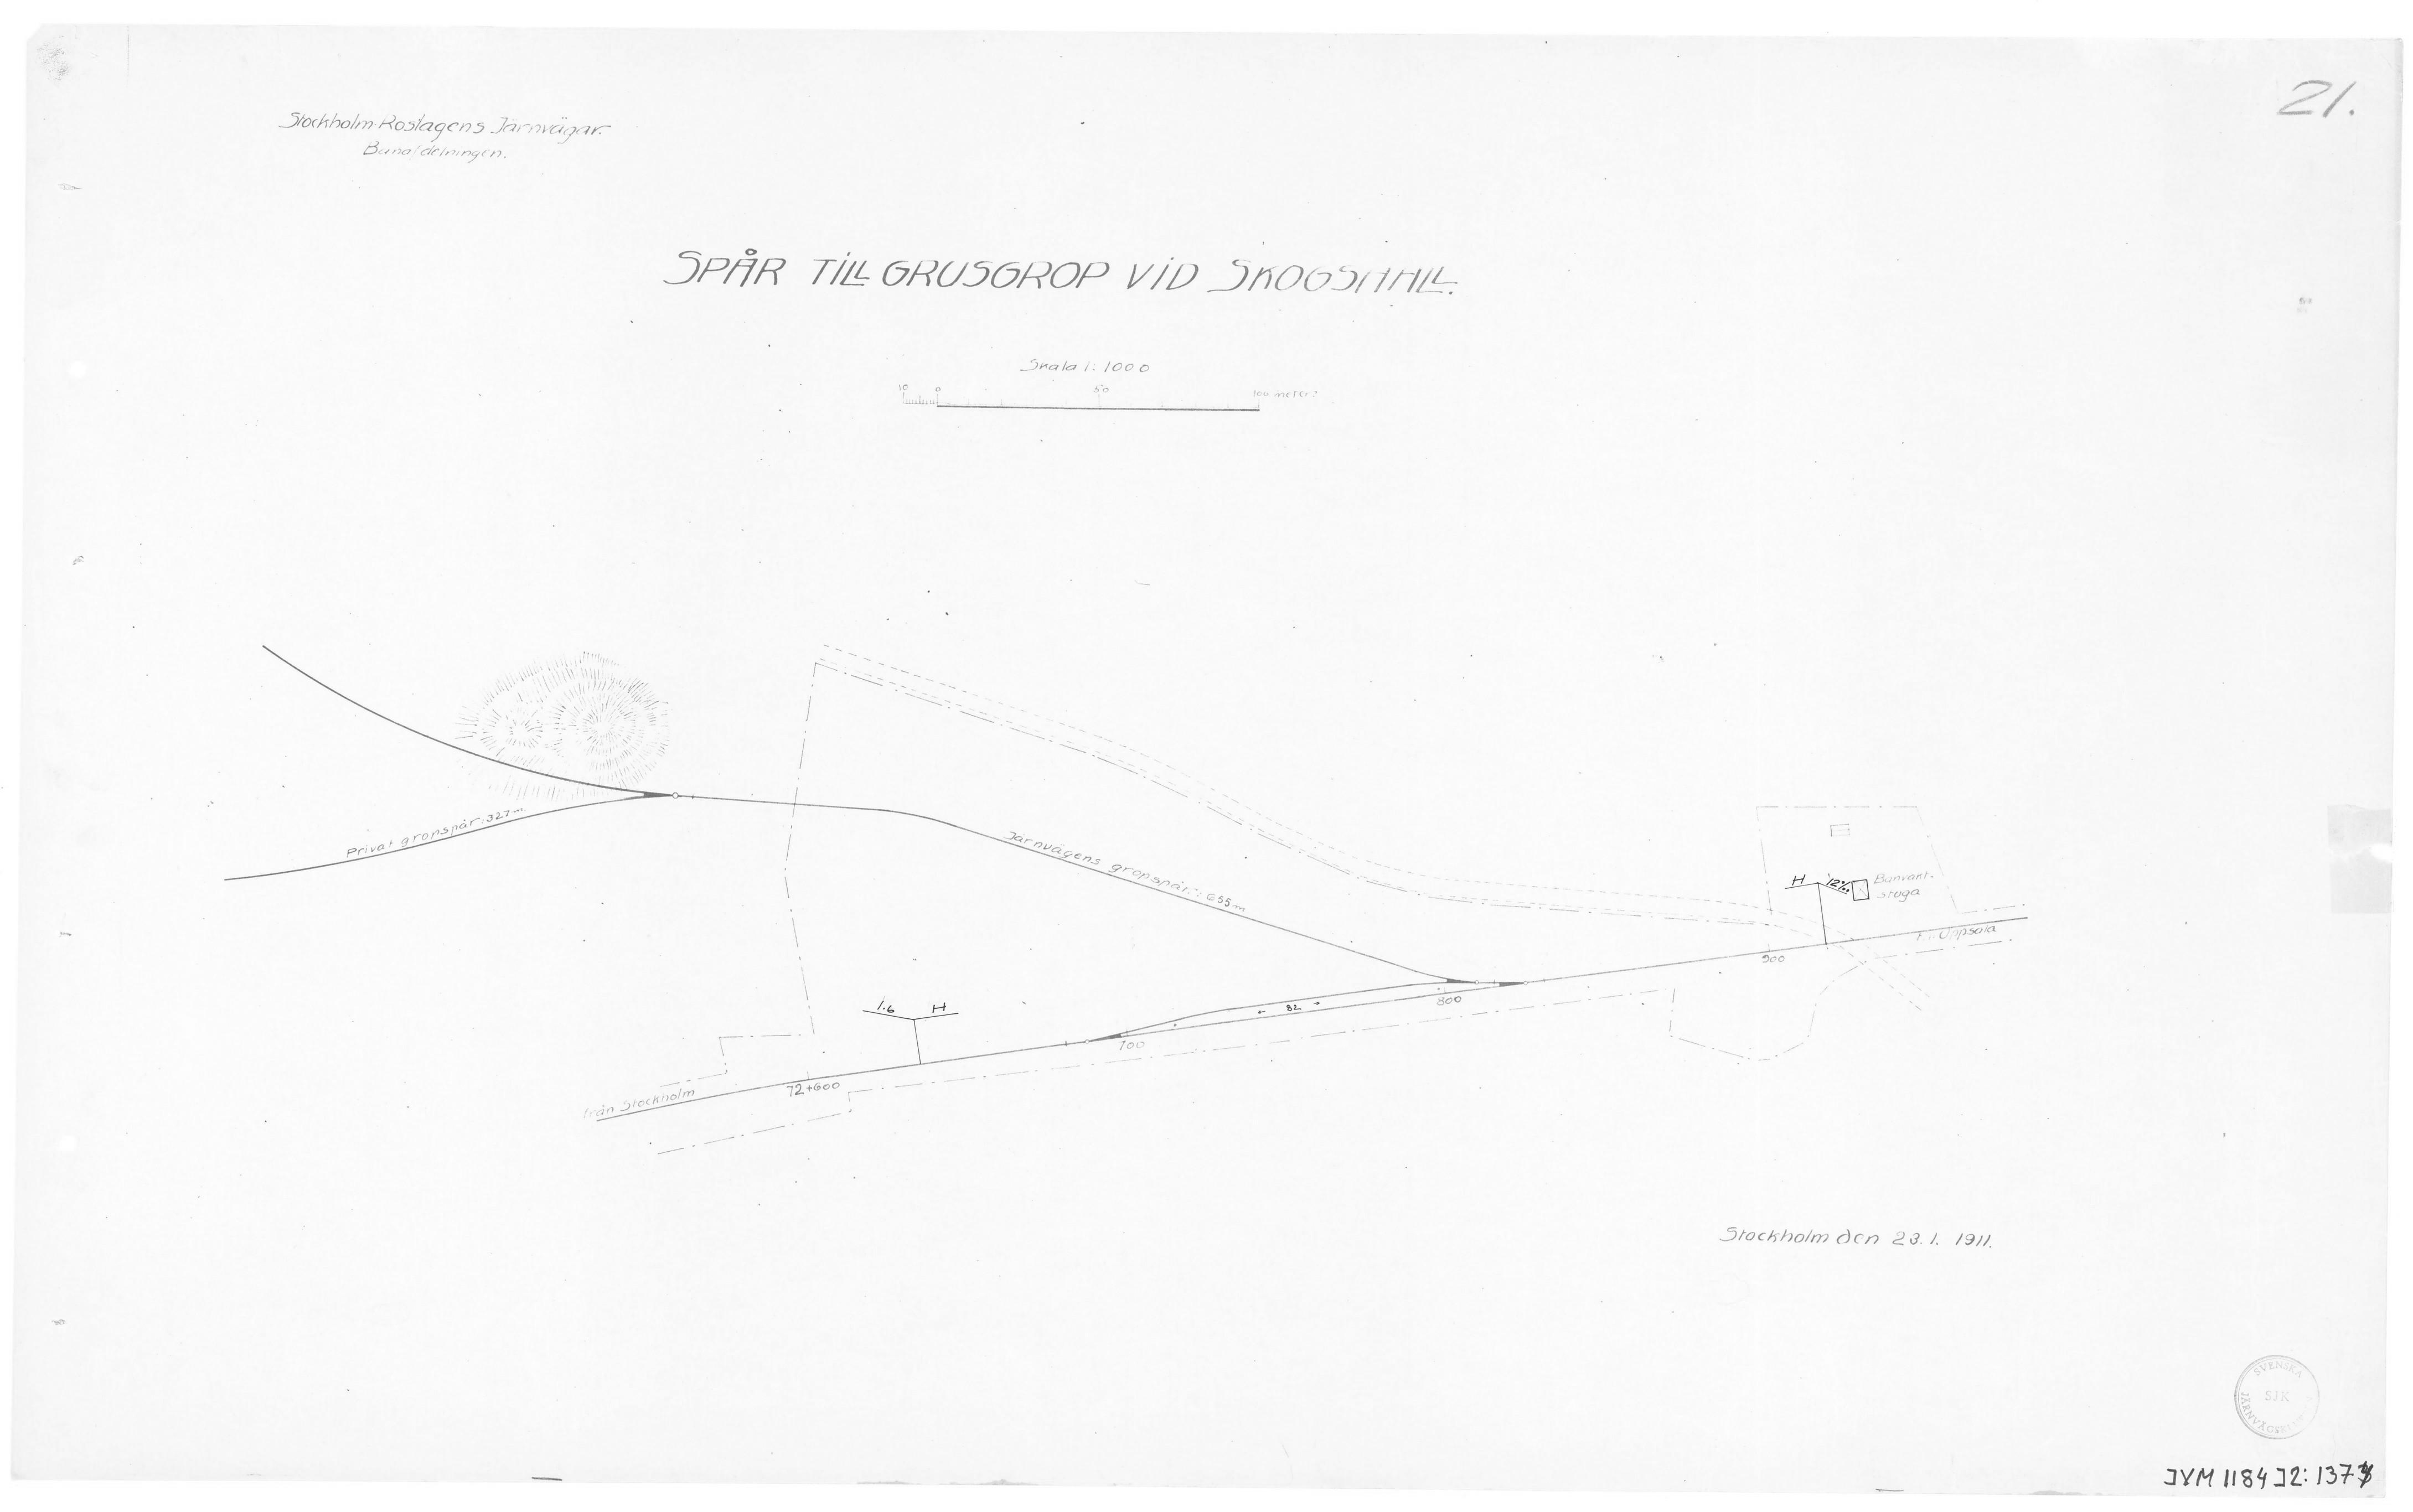 Saknas: Ritning 1. Spår till grusgrop vid Skogshall.